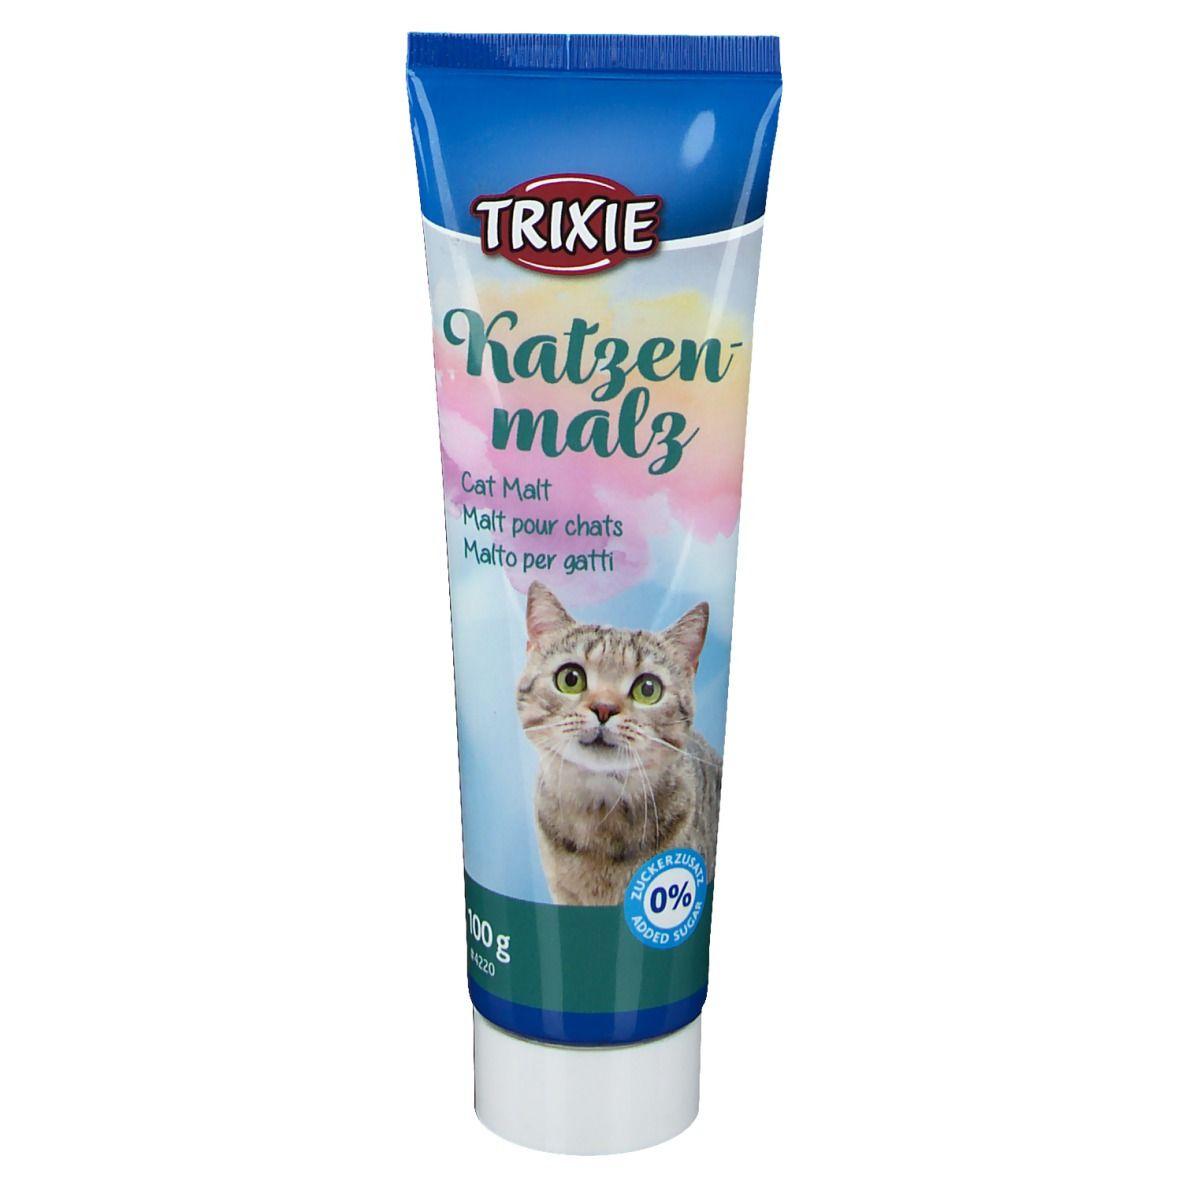 Trixie Katzenmalz